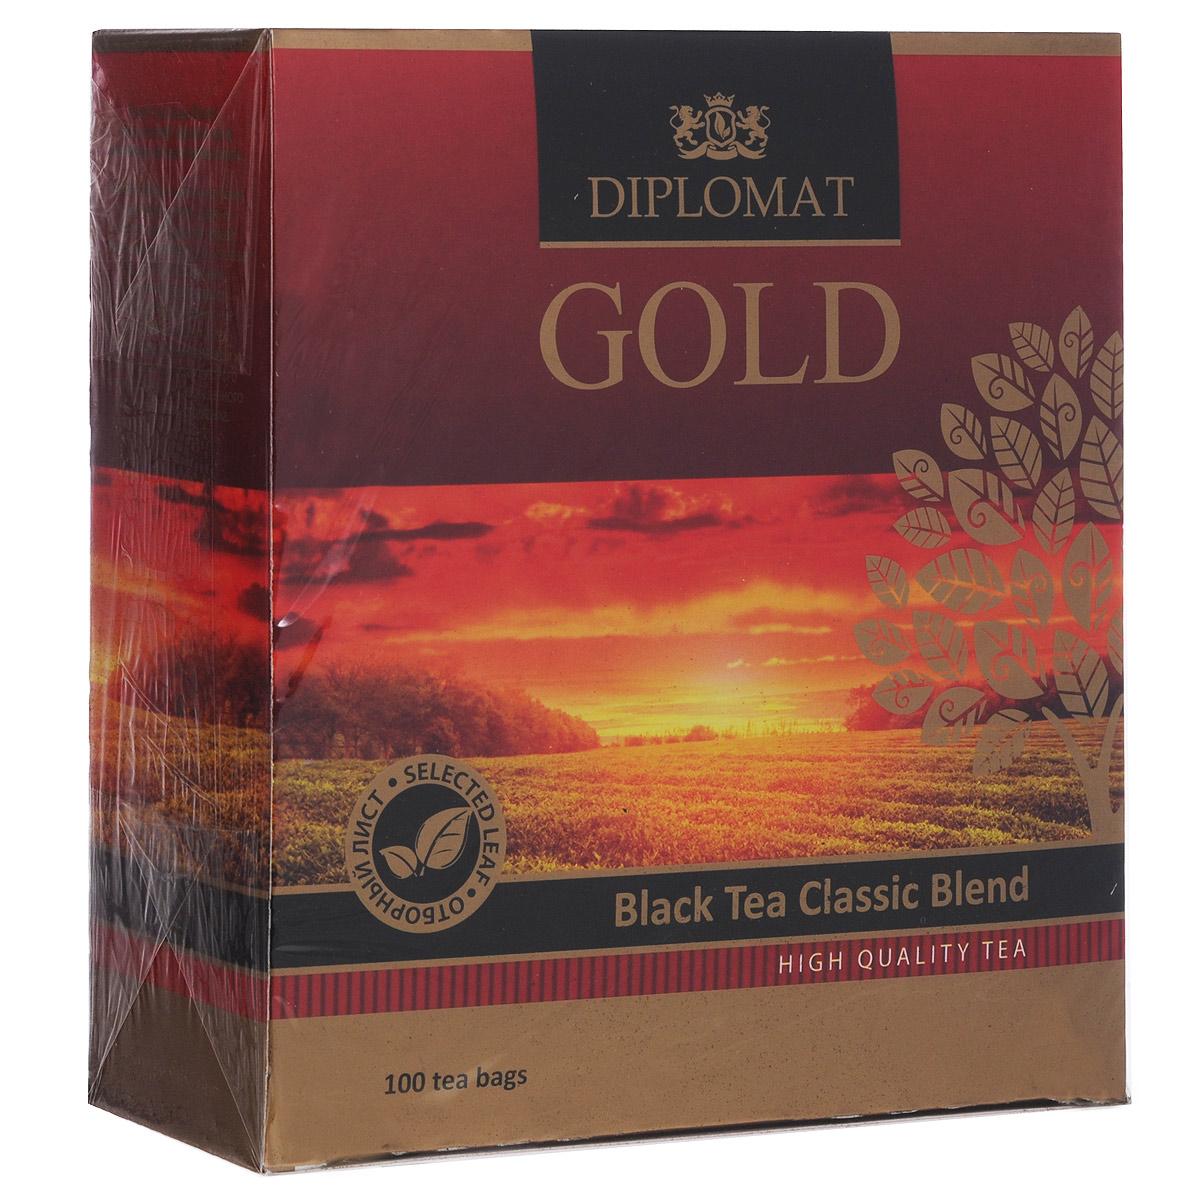 Diplomat Black Tea Classic Blend черный чай в пакетиках, 100 шт.4623721273827Черный байховый чай Diplomat Black Tea Classic Blend с волшебным ароматом и настоем средней крепости цвета красного дерева, созданным теплым солнцем острова Цейлон. Чай с насыщенным бархатным вкусом, преобладают легкие древесные нотки, довольно сильное послевкусие с небольшим цветочным оттенком. Аромат классического черного чая.